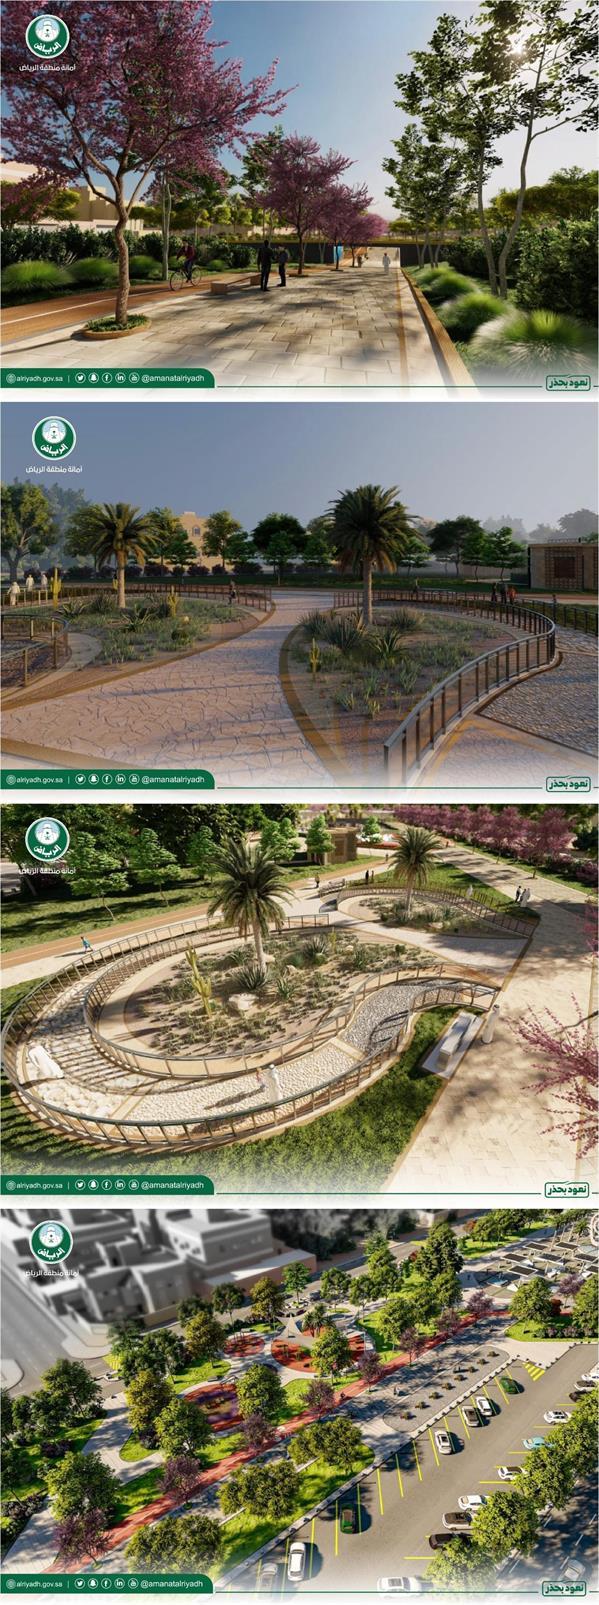 أمين الرياض يعتمد التصاميم النهائية لإعادة تأهيل منتزه النهضة